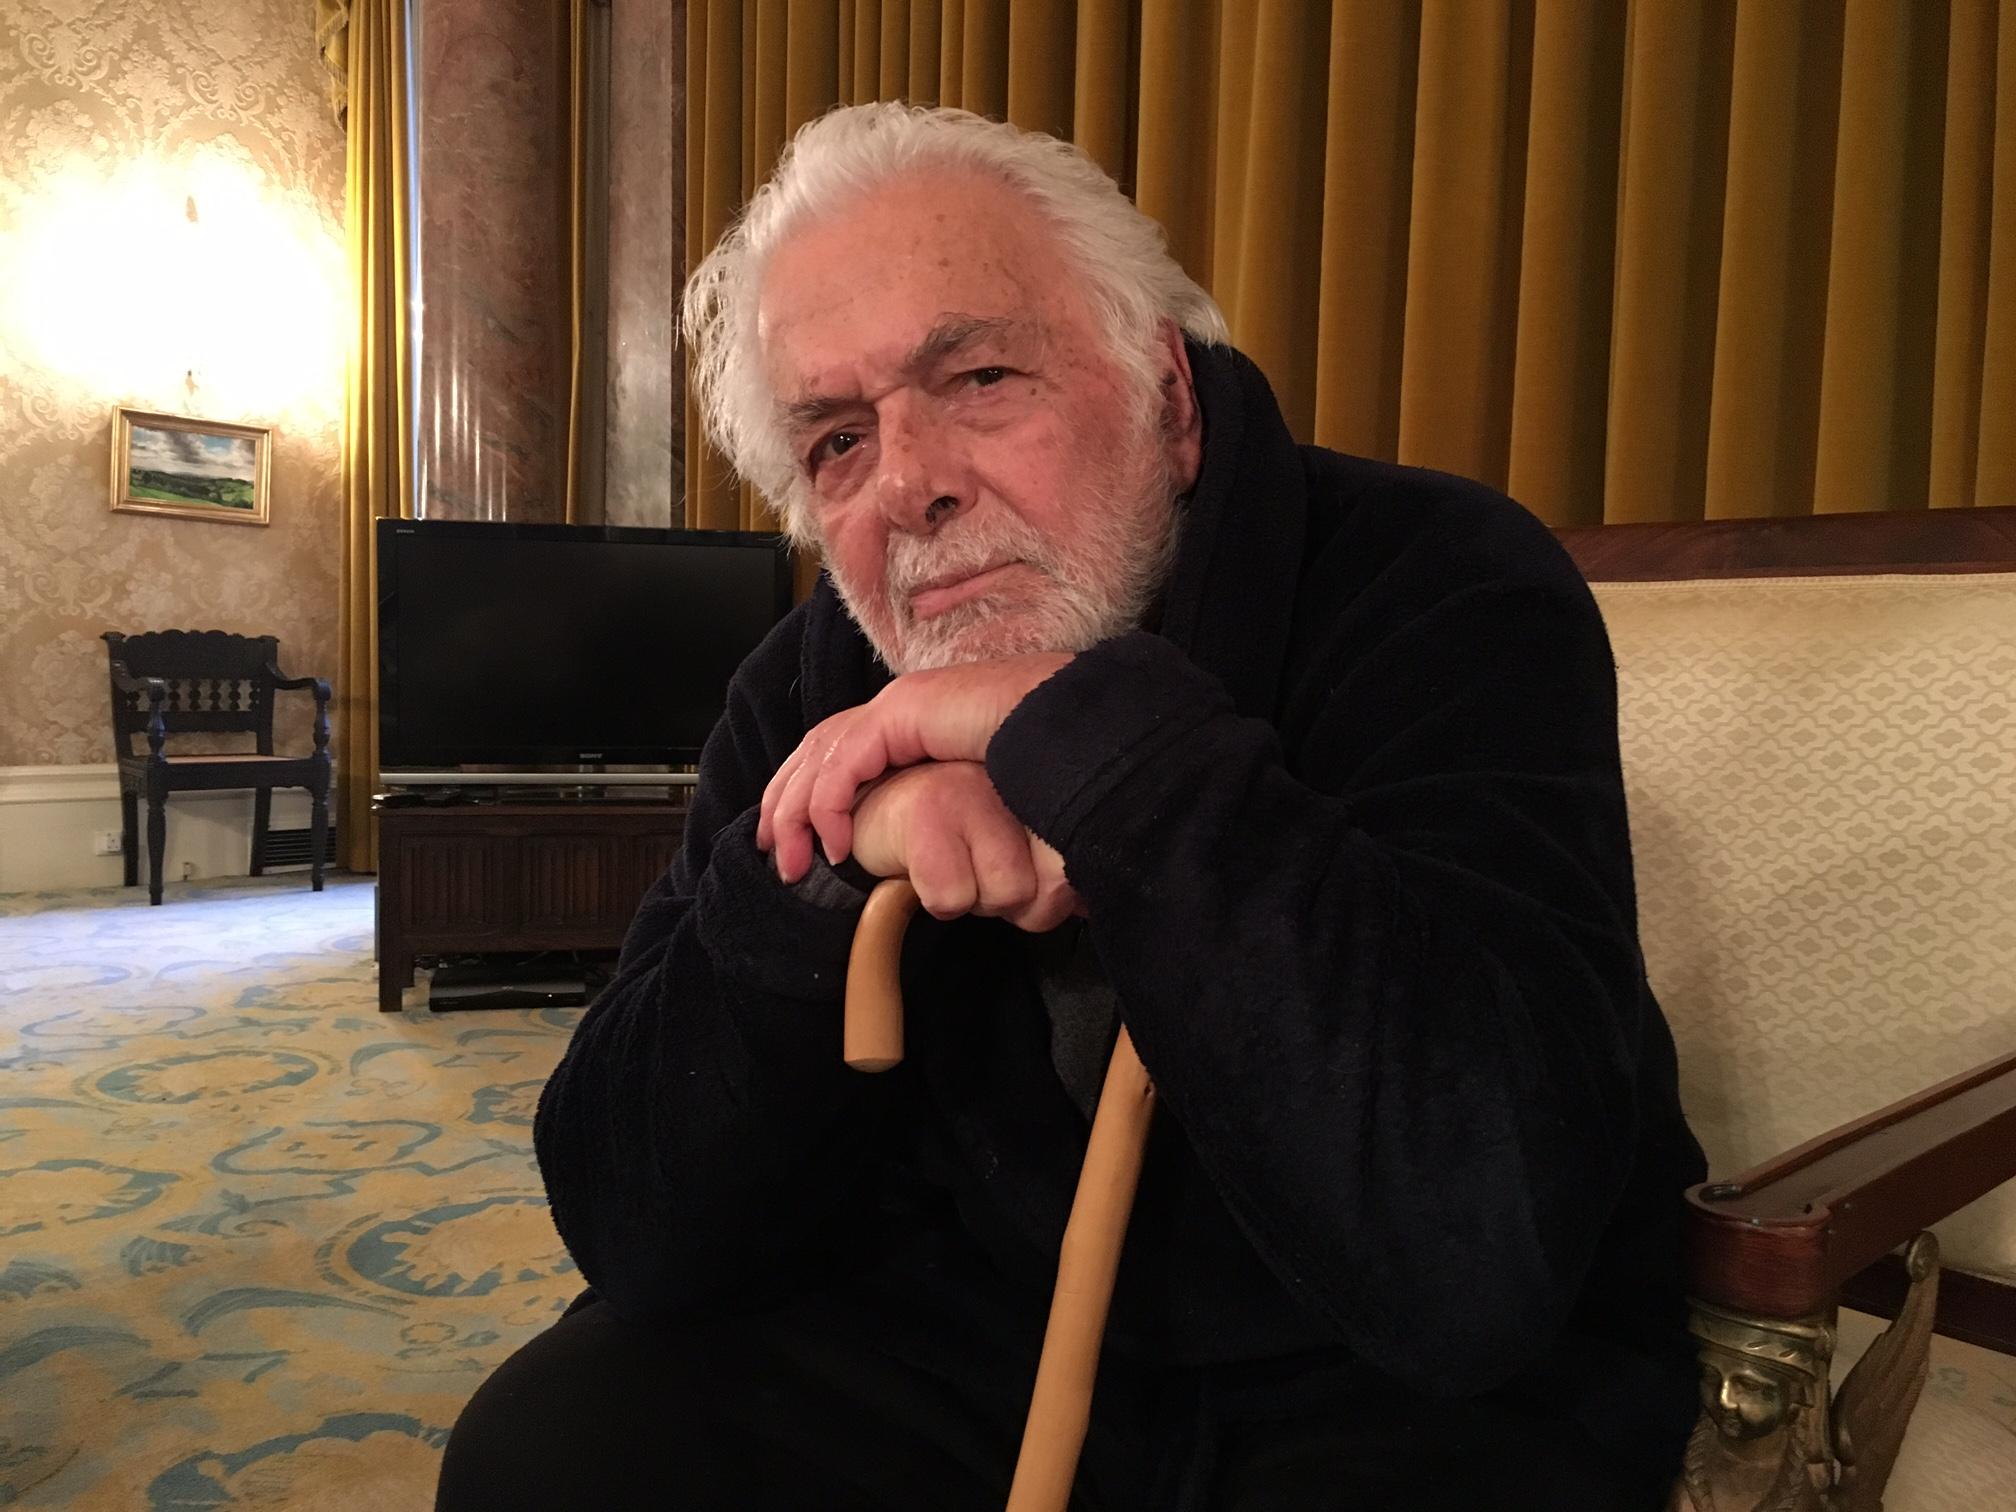 ابراهیم گلستان در منزلش در ساسکس - فوریه ۲۰۱۷. عکس: سعید کمالیدهقان